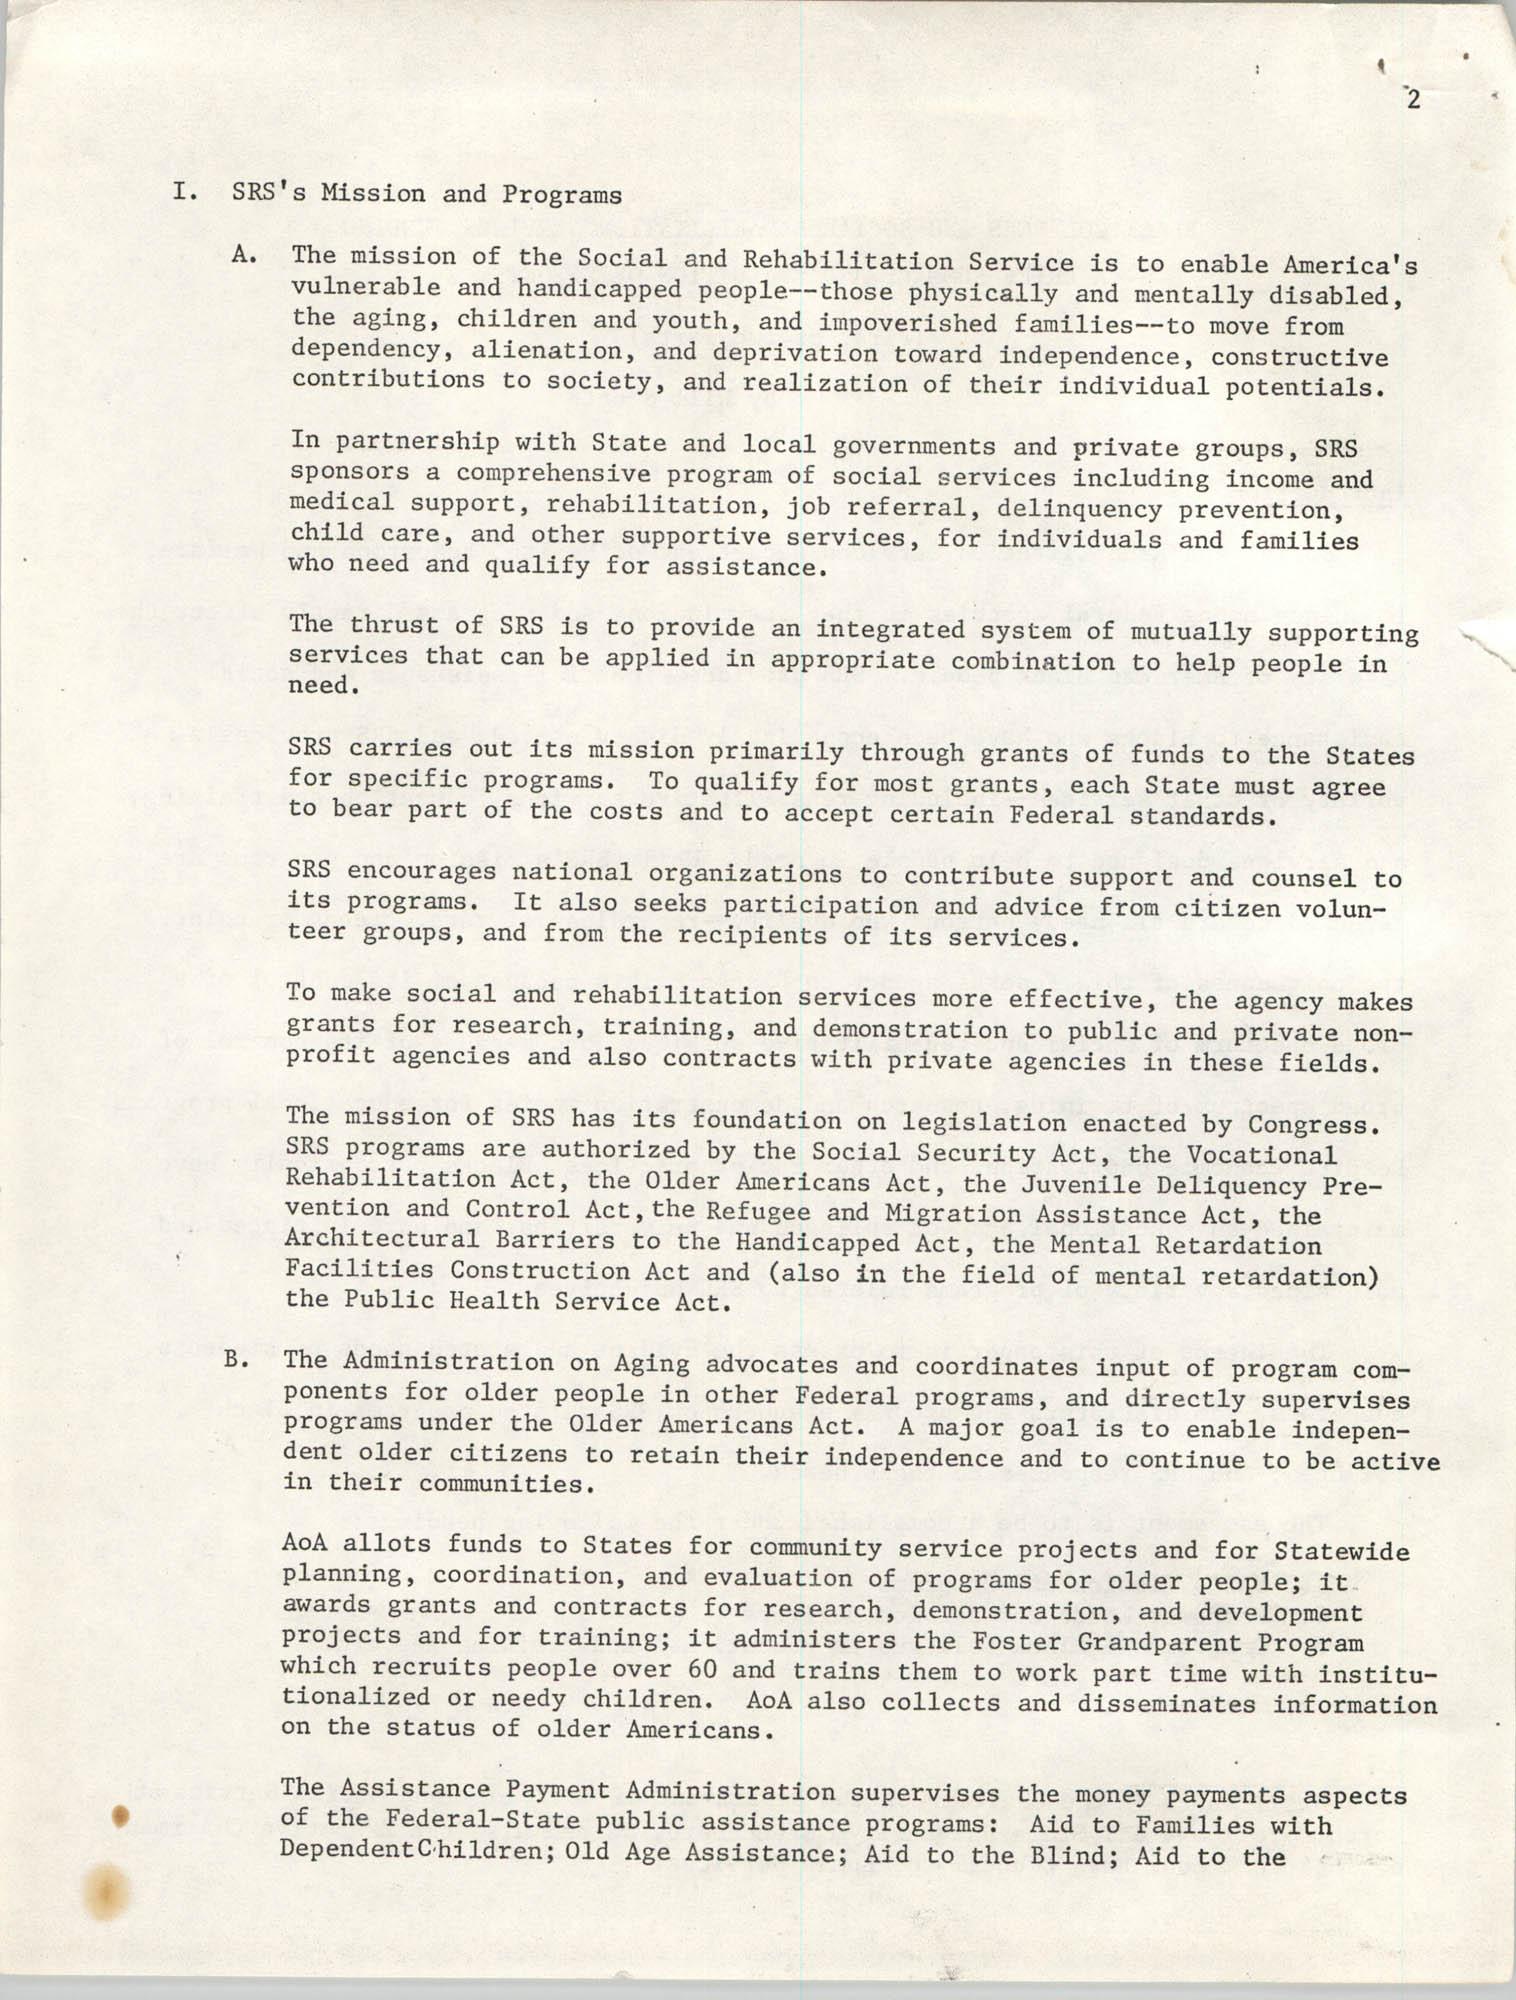 SHARE, Volume I, Number 8, April 1973, Page 2